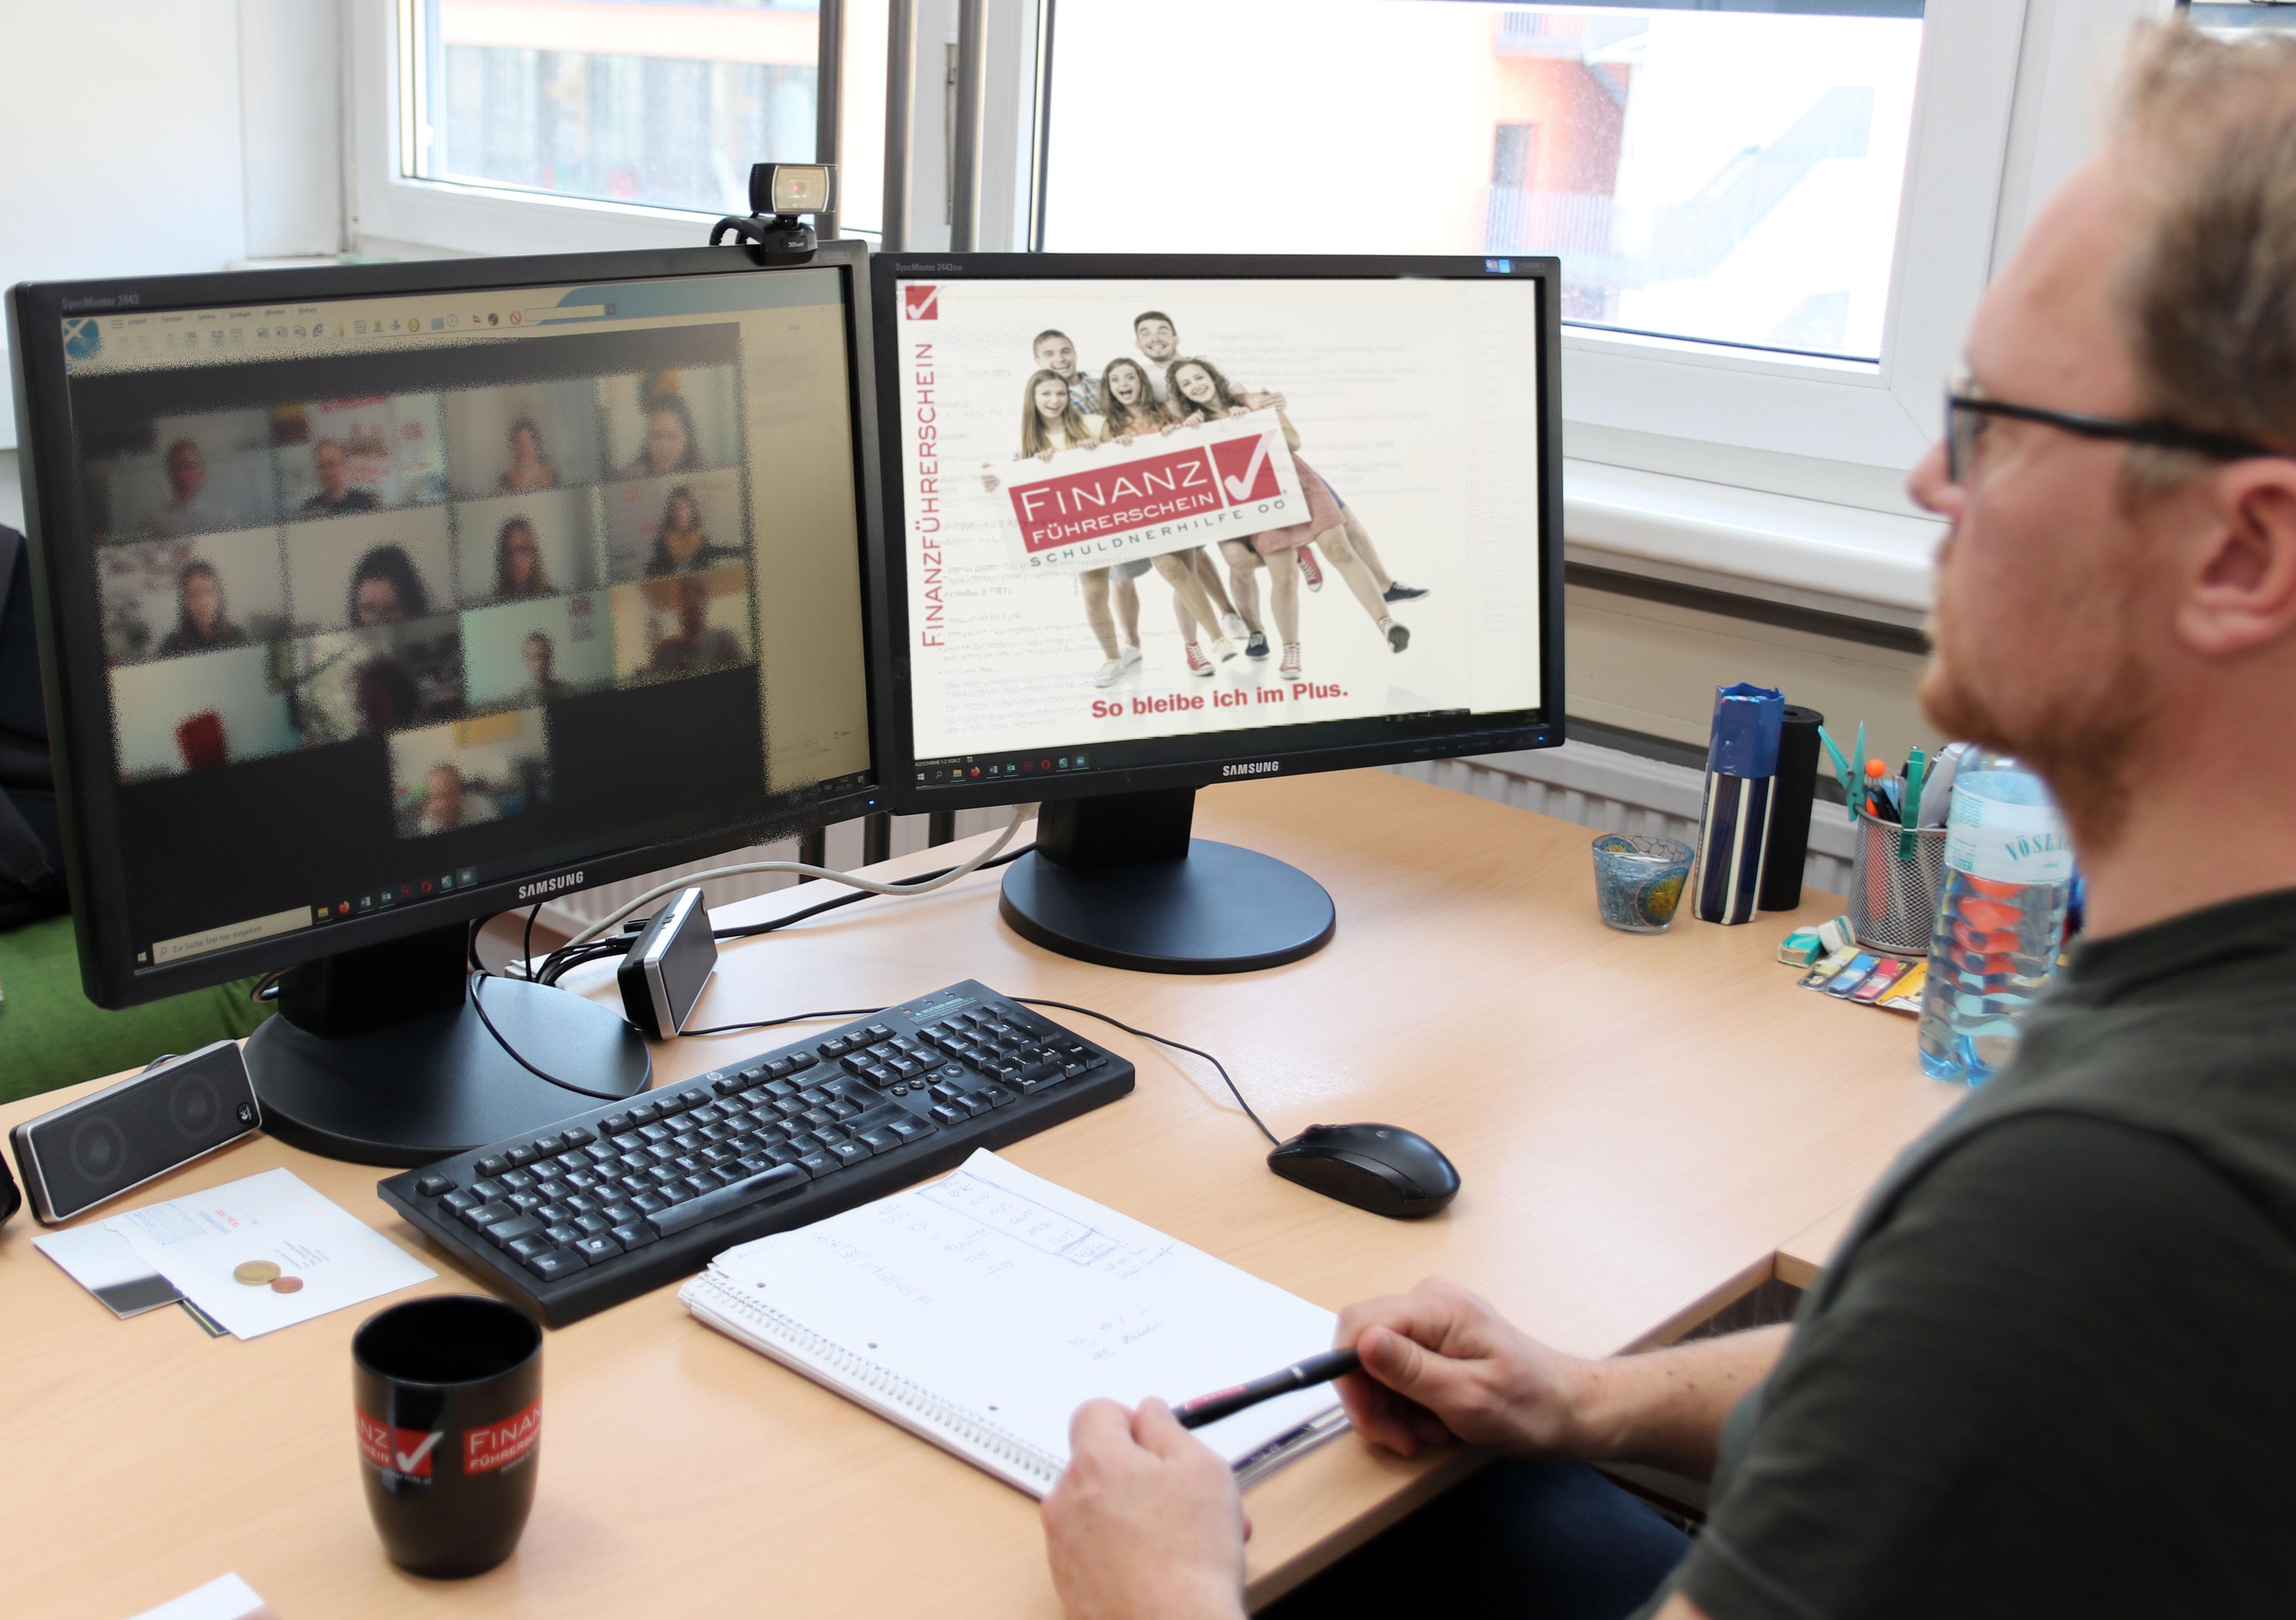 Schreibtisch mit Bildschirm für Finanzbildung